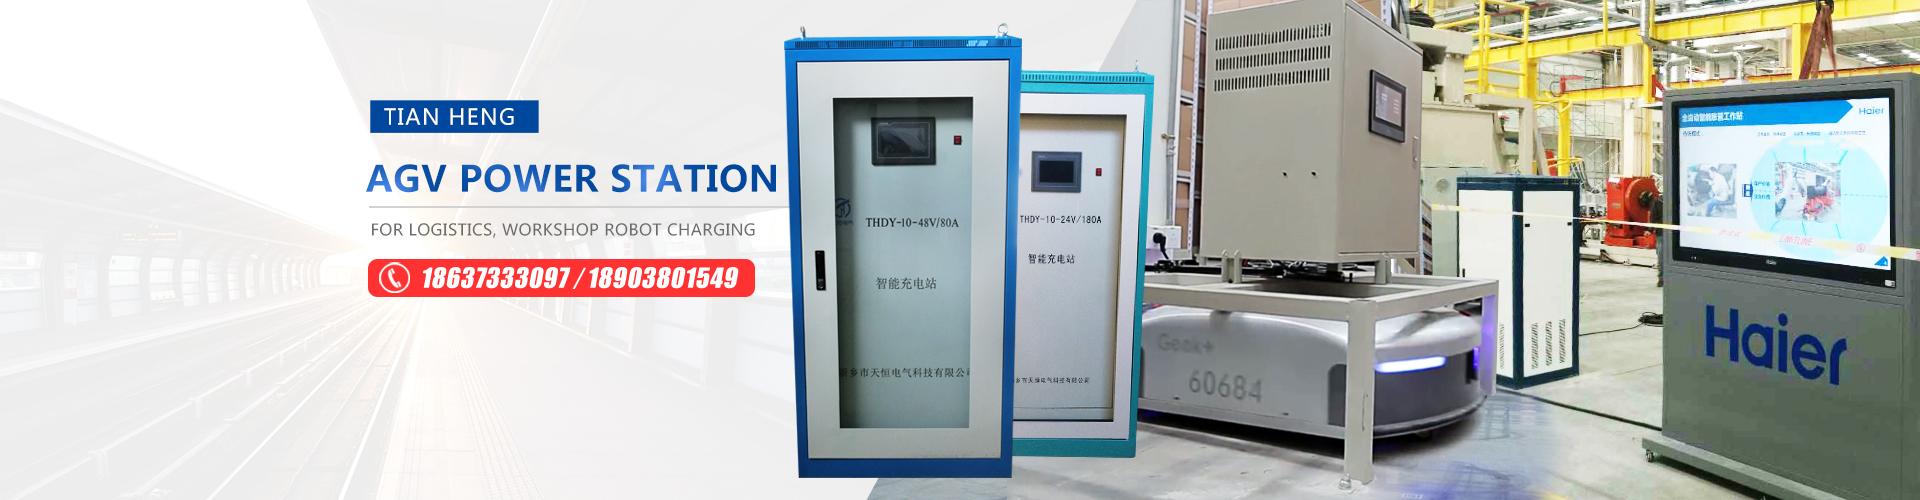 Xinxiang Tianheng Electric Technology Co., Ltd.